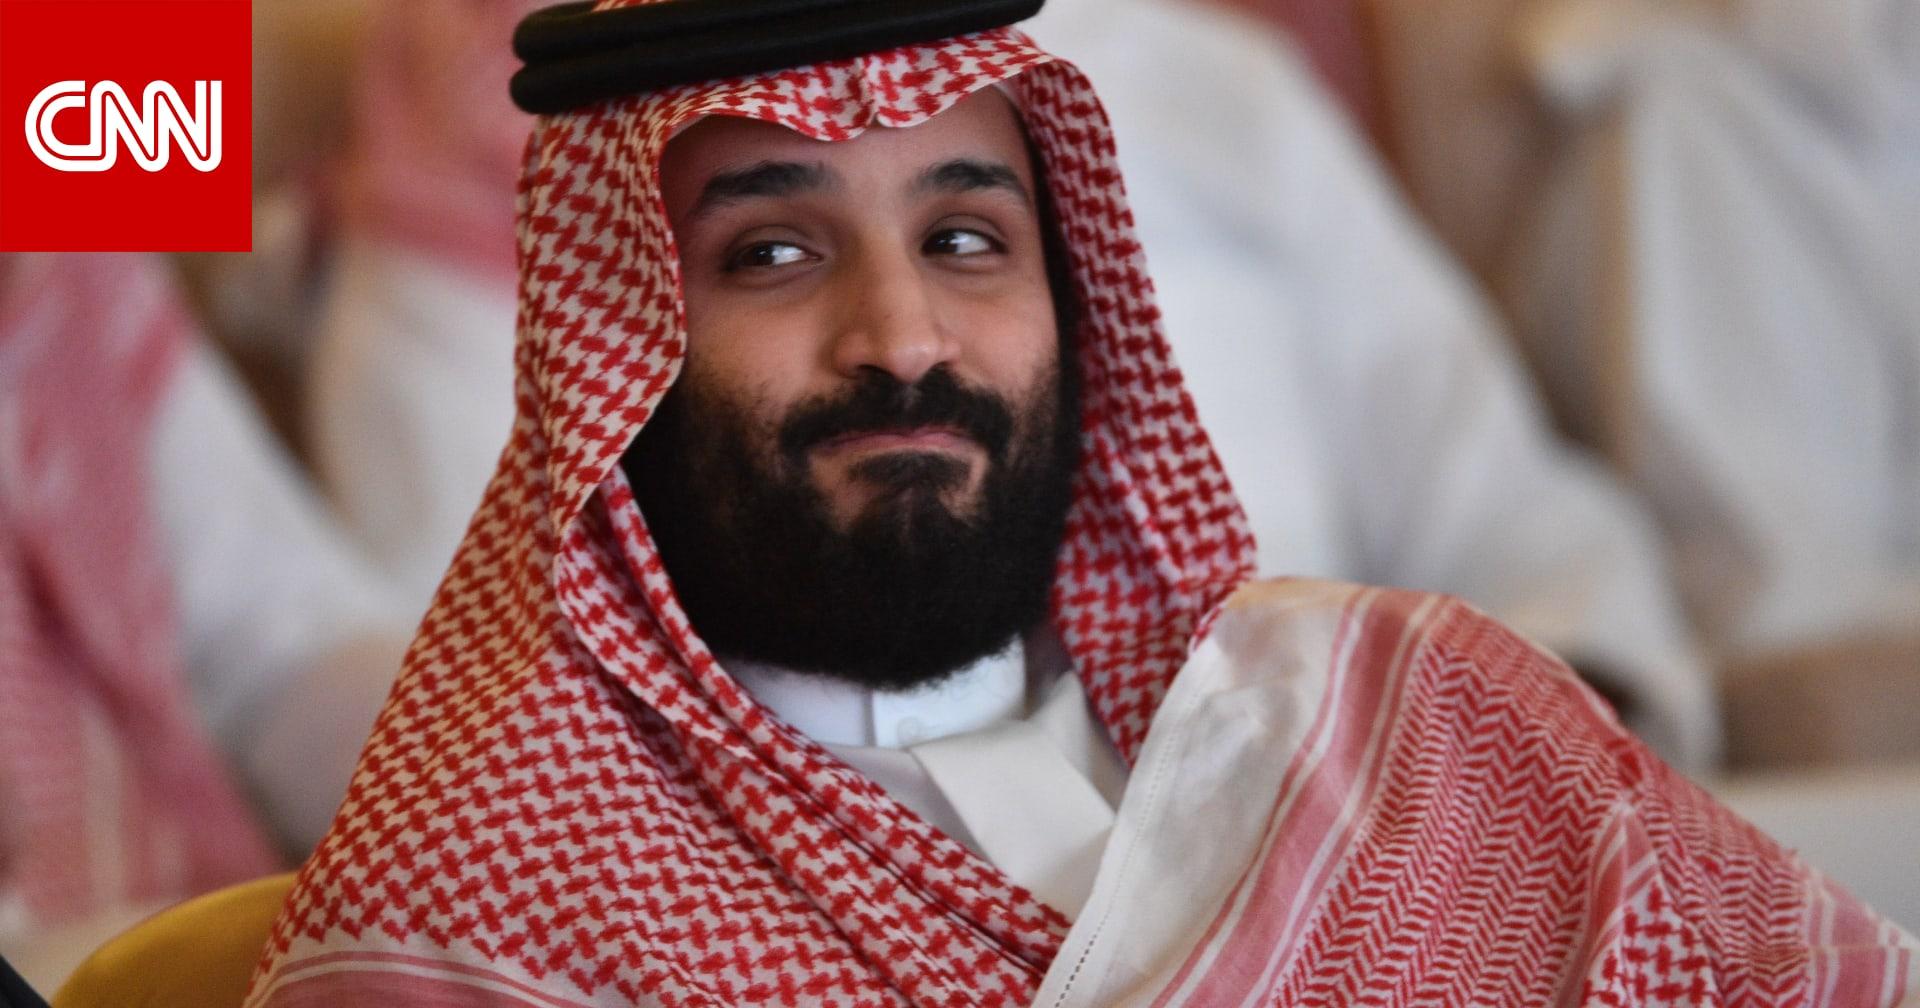 النص الكامل لتقرير الاستخبارات الأمريكية: محمد بن سلمان وافق على عملية خاشقجي